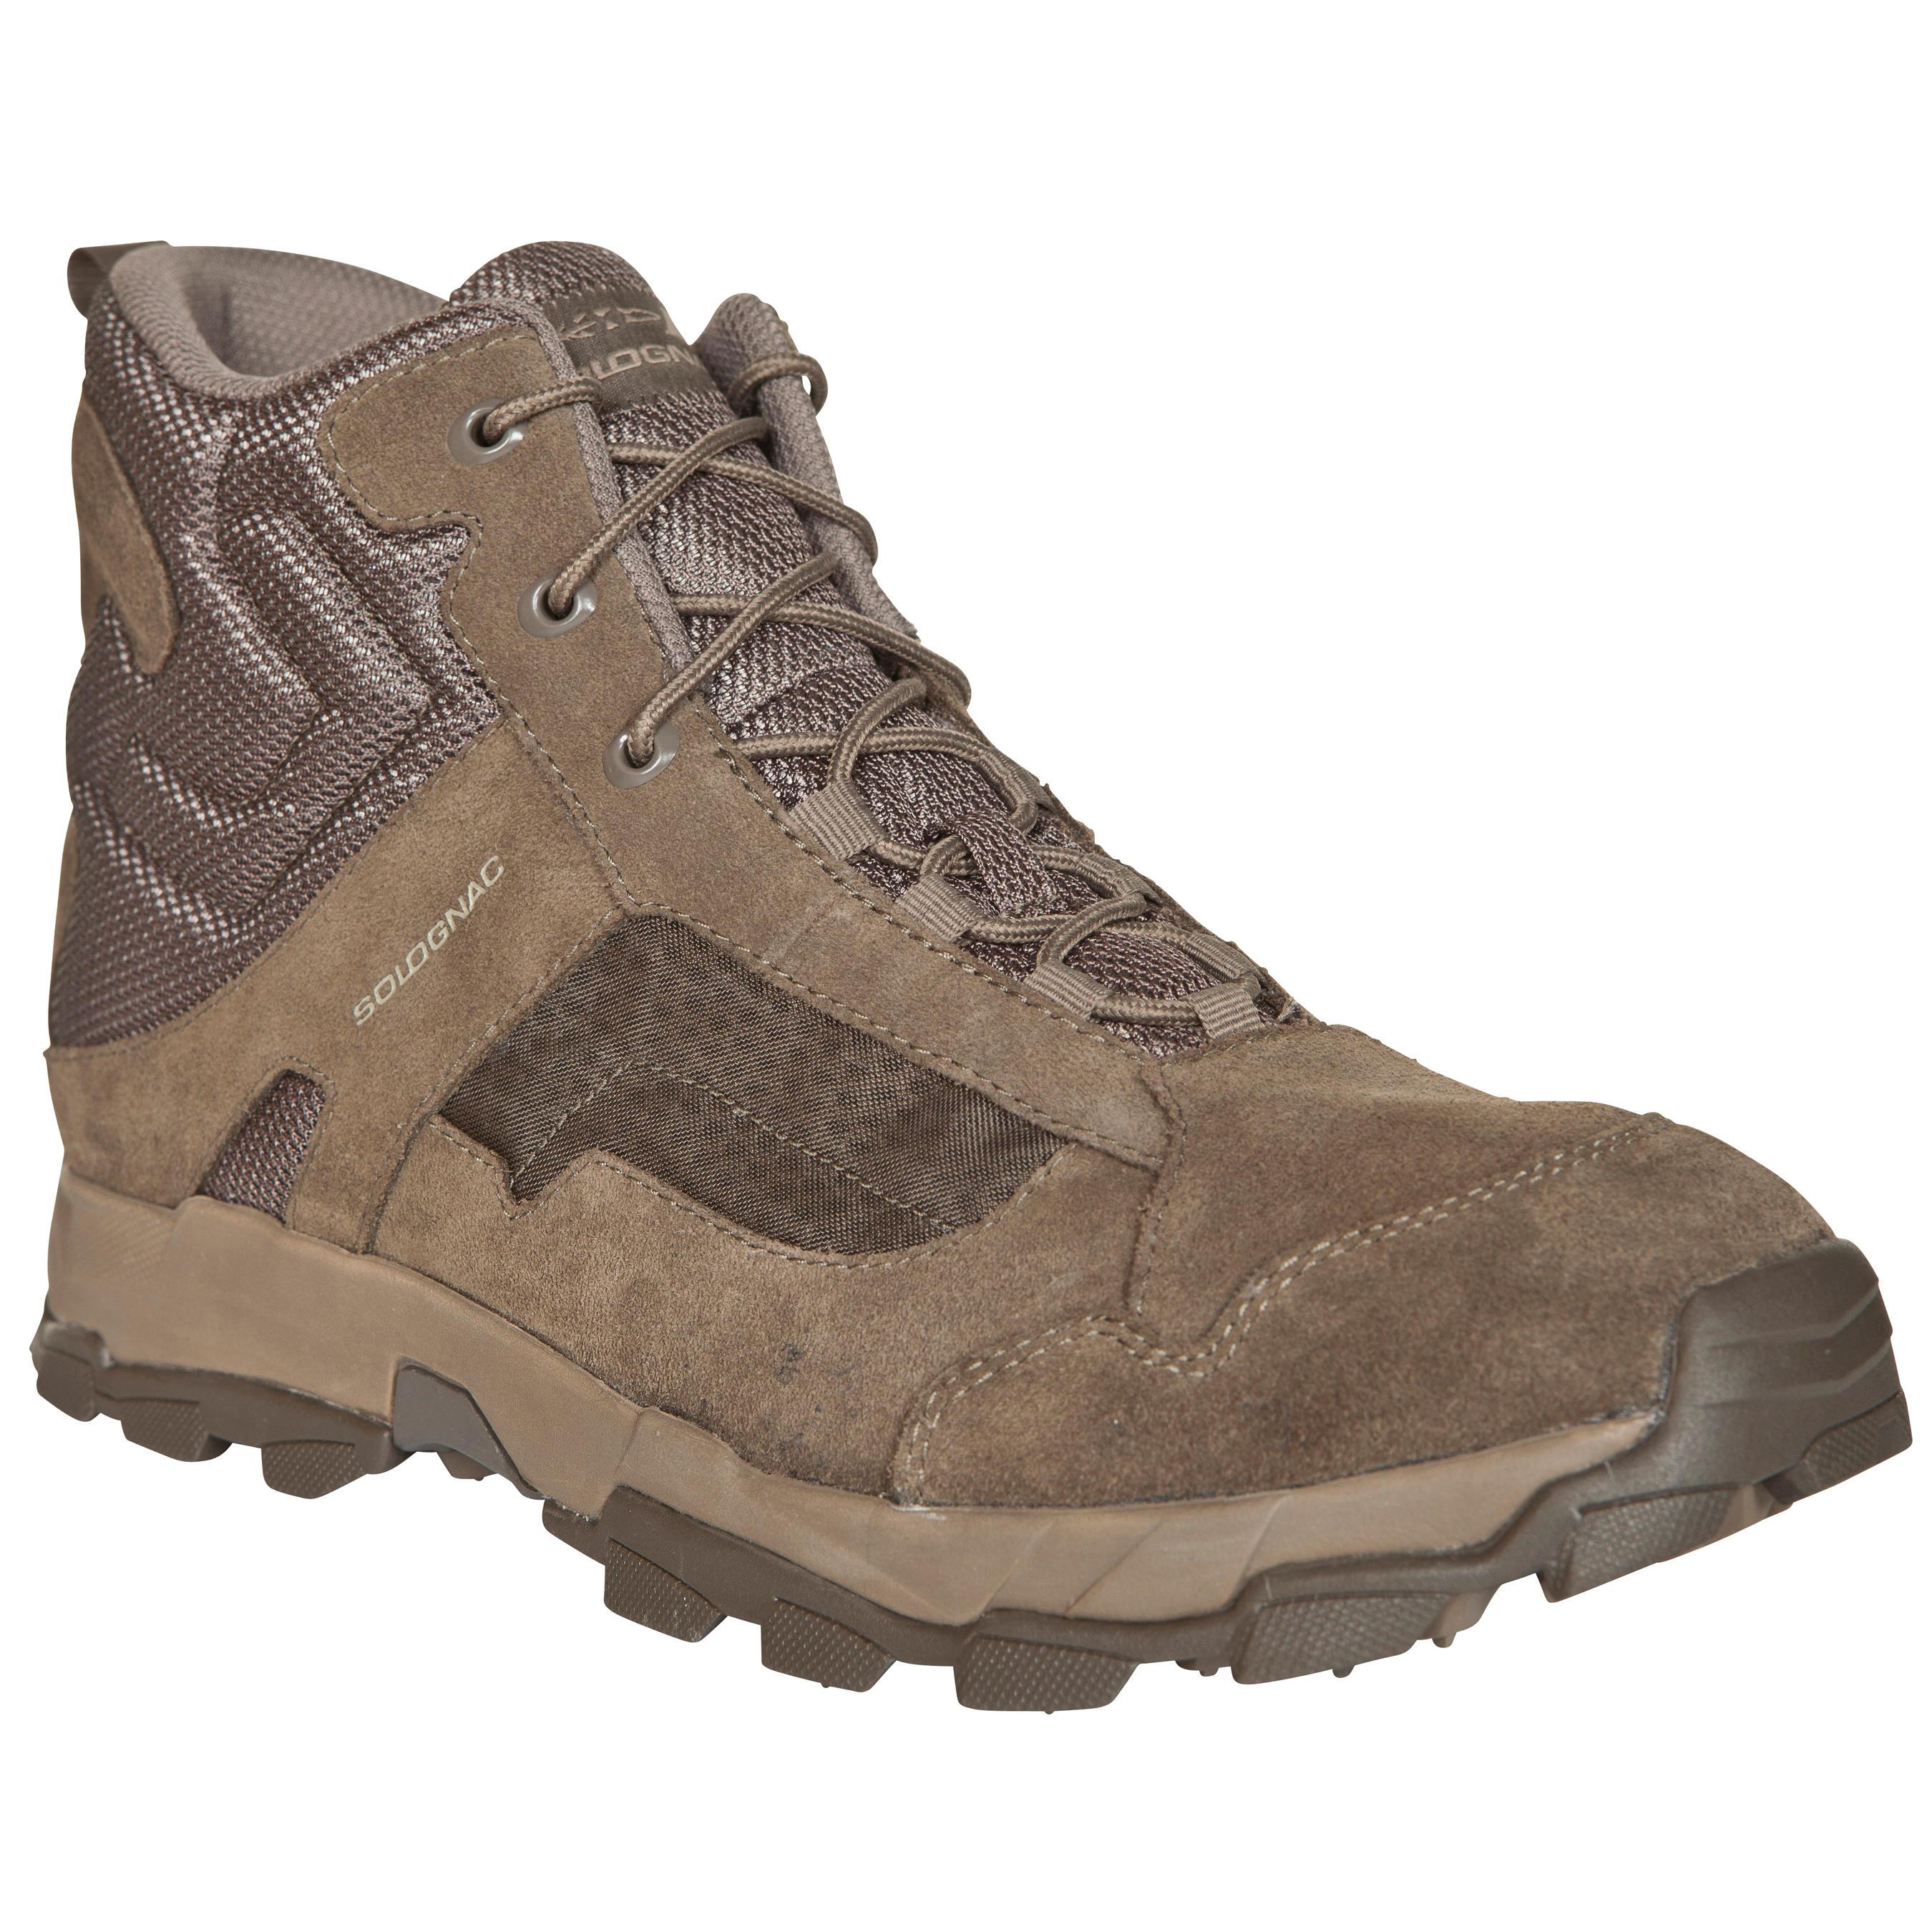 Jagdschuhe Sporthunt 300 beige   Schuhe > Outdoorschuhe > Trekkingschuhe   Solognac